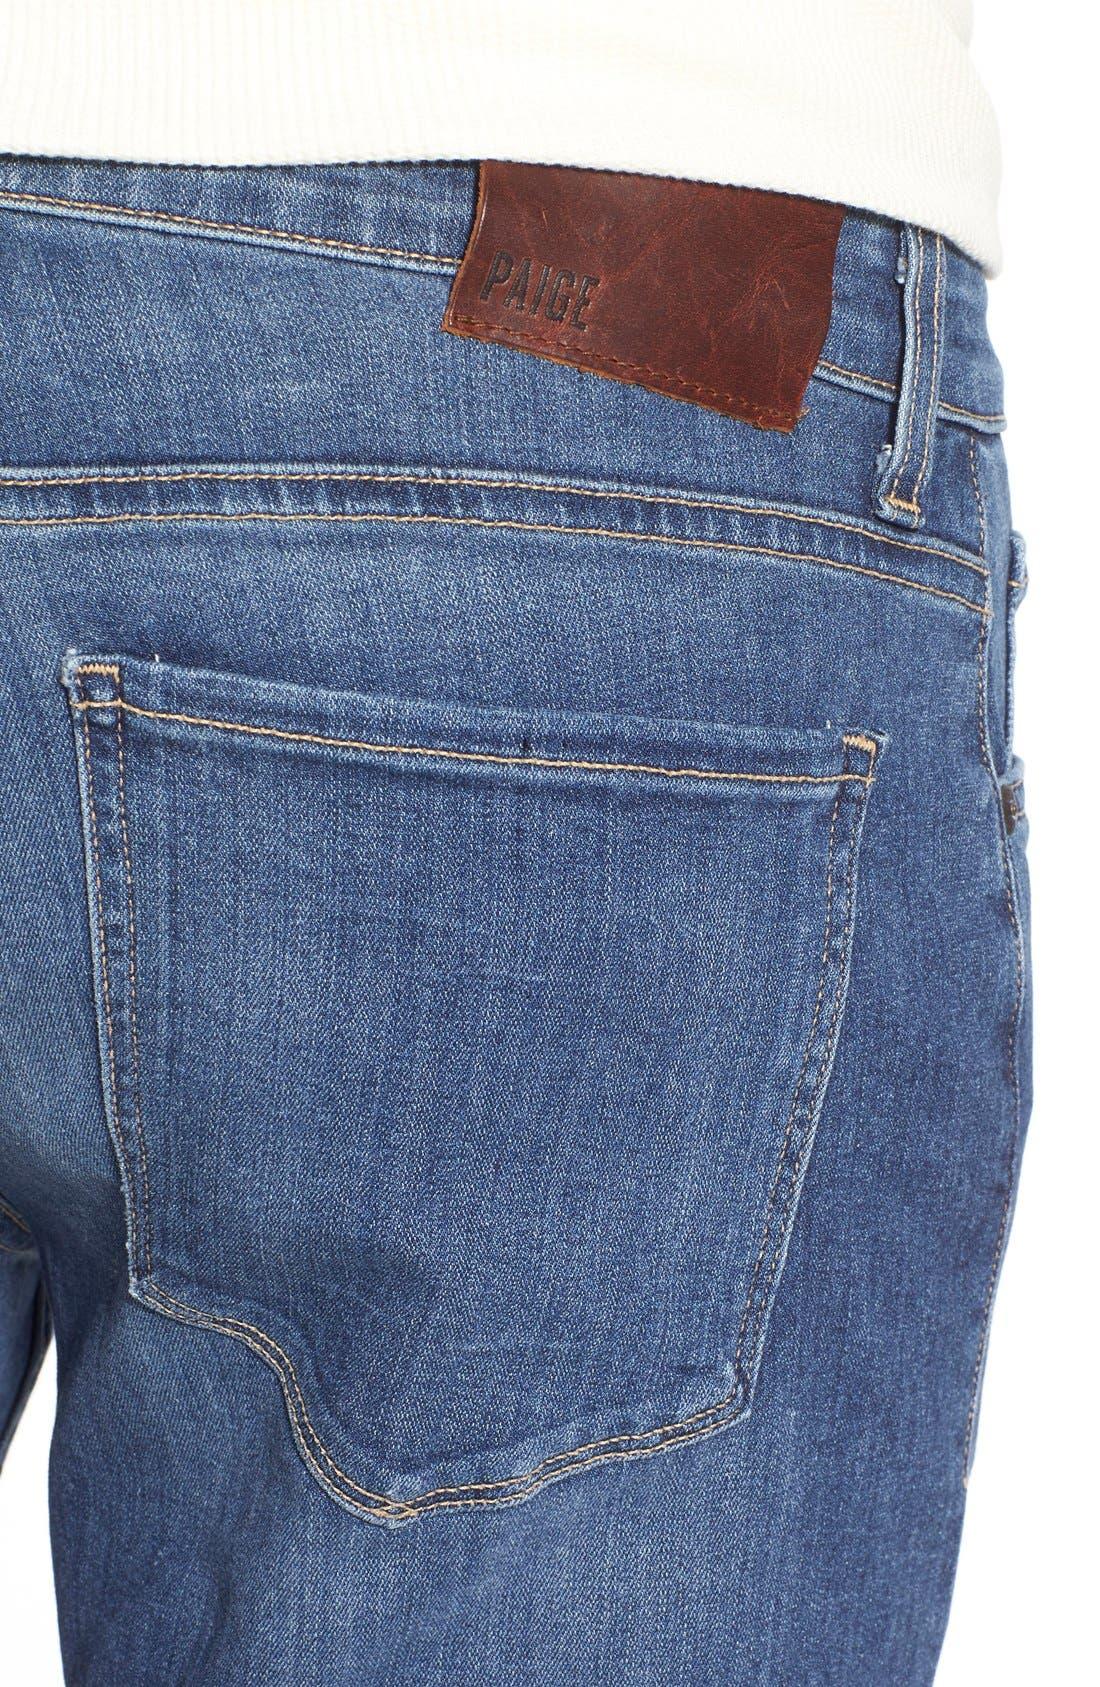 PAIGE, Transcend - Normandie Straight Leg Jeans, Alternate thumbnail 10, color, BIRCH